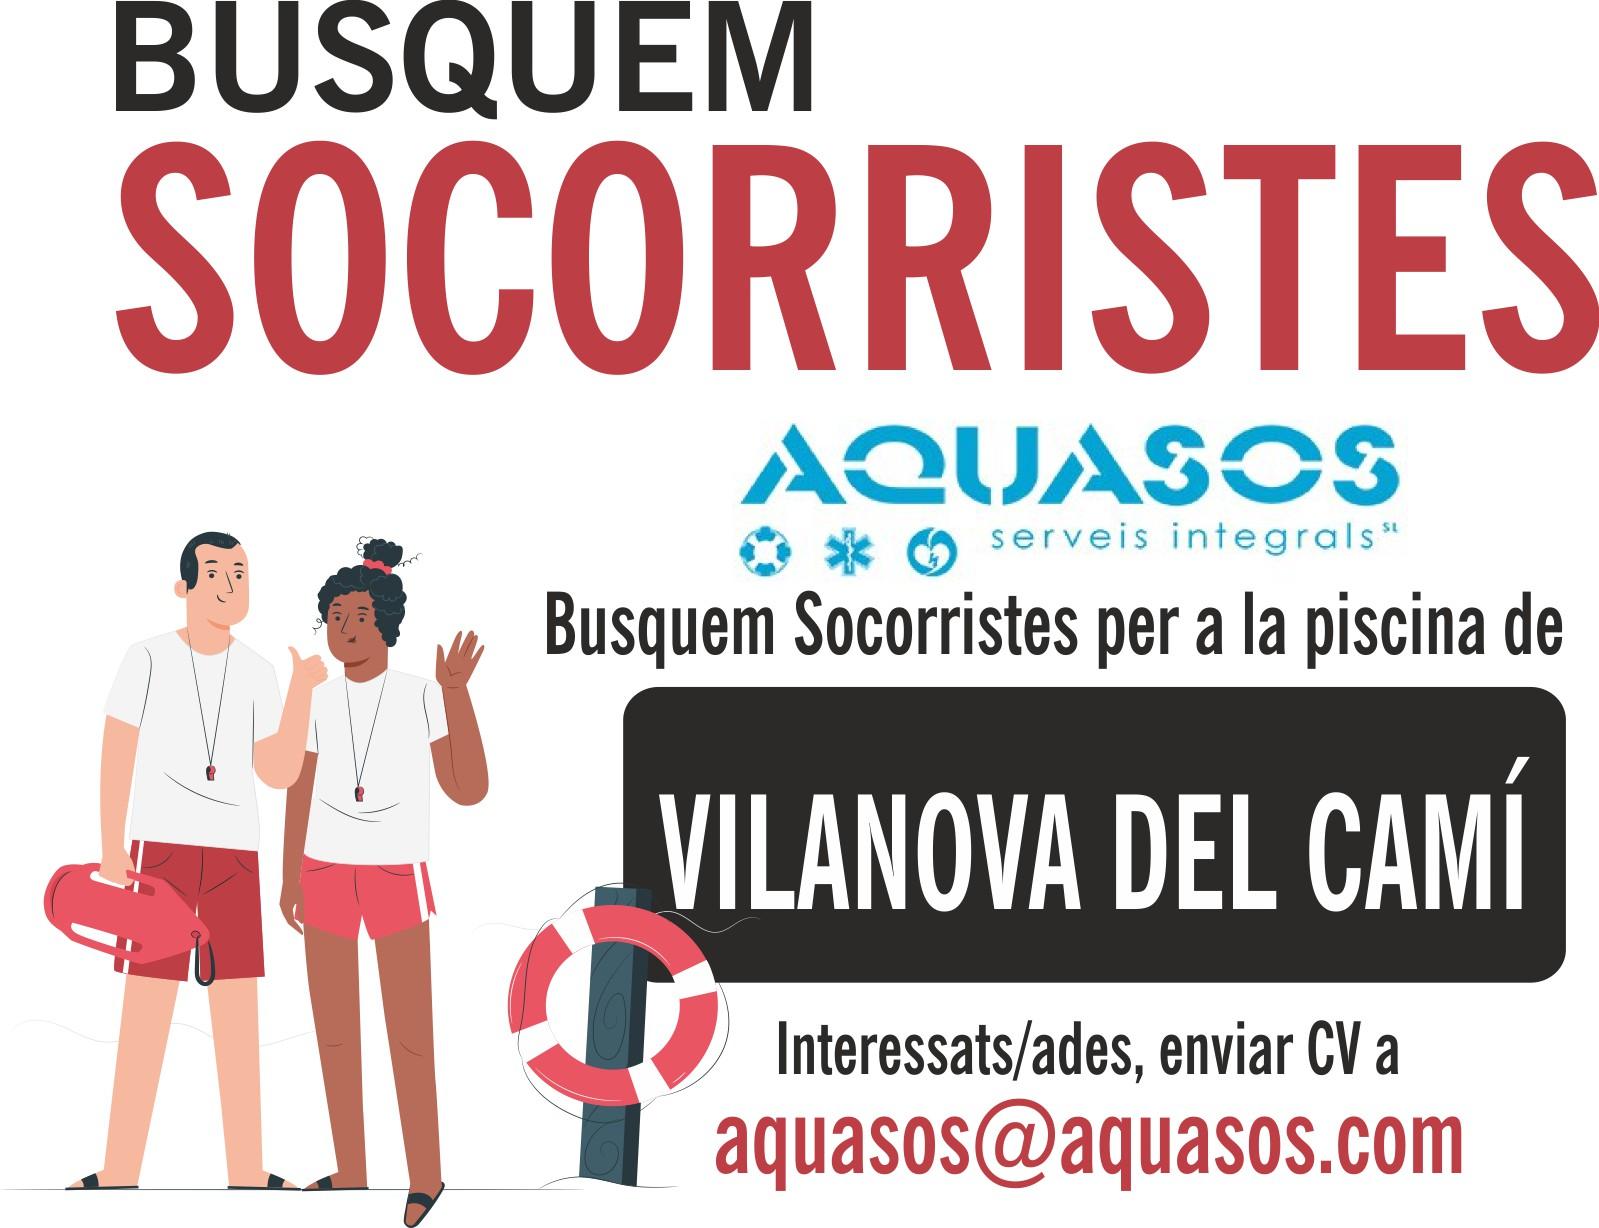 Busquem socorristes per a la piscina de Vilanova del Camí